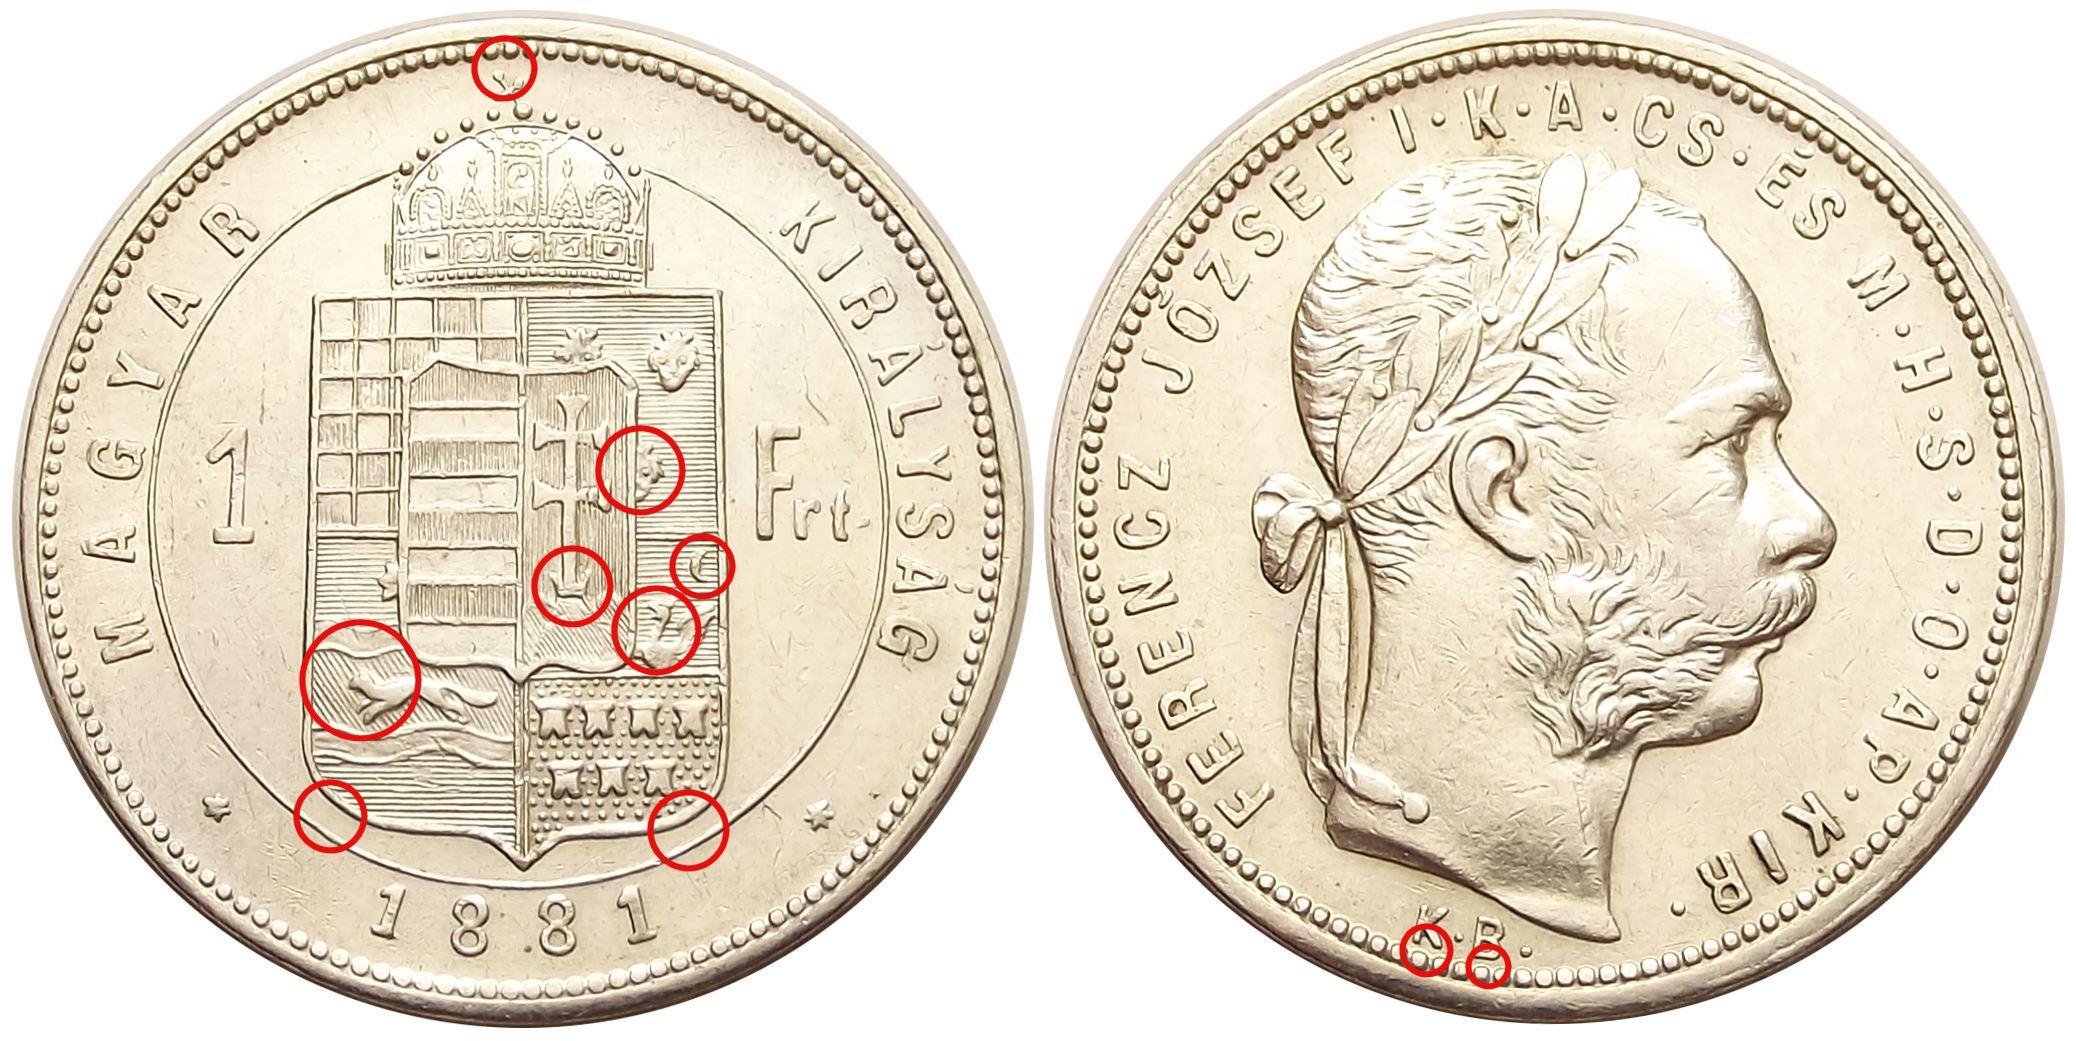 http://www.krajcarportal.hu/hirek/1881-1forint-cimervaltozat-szeles-cimer/1881-1forint-szeles_cimer.jpg